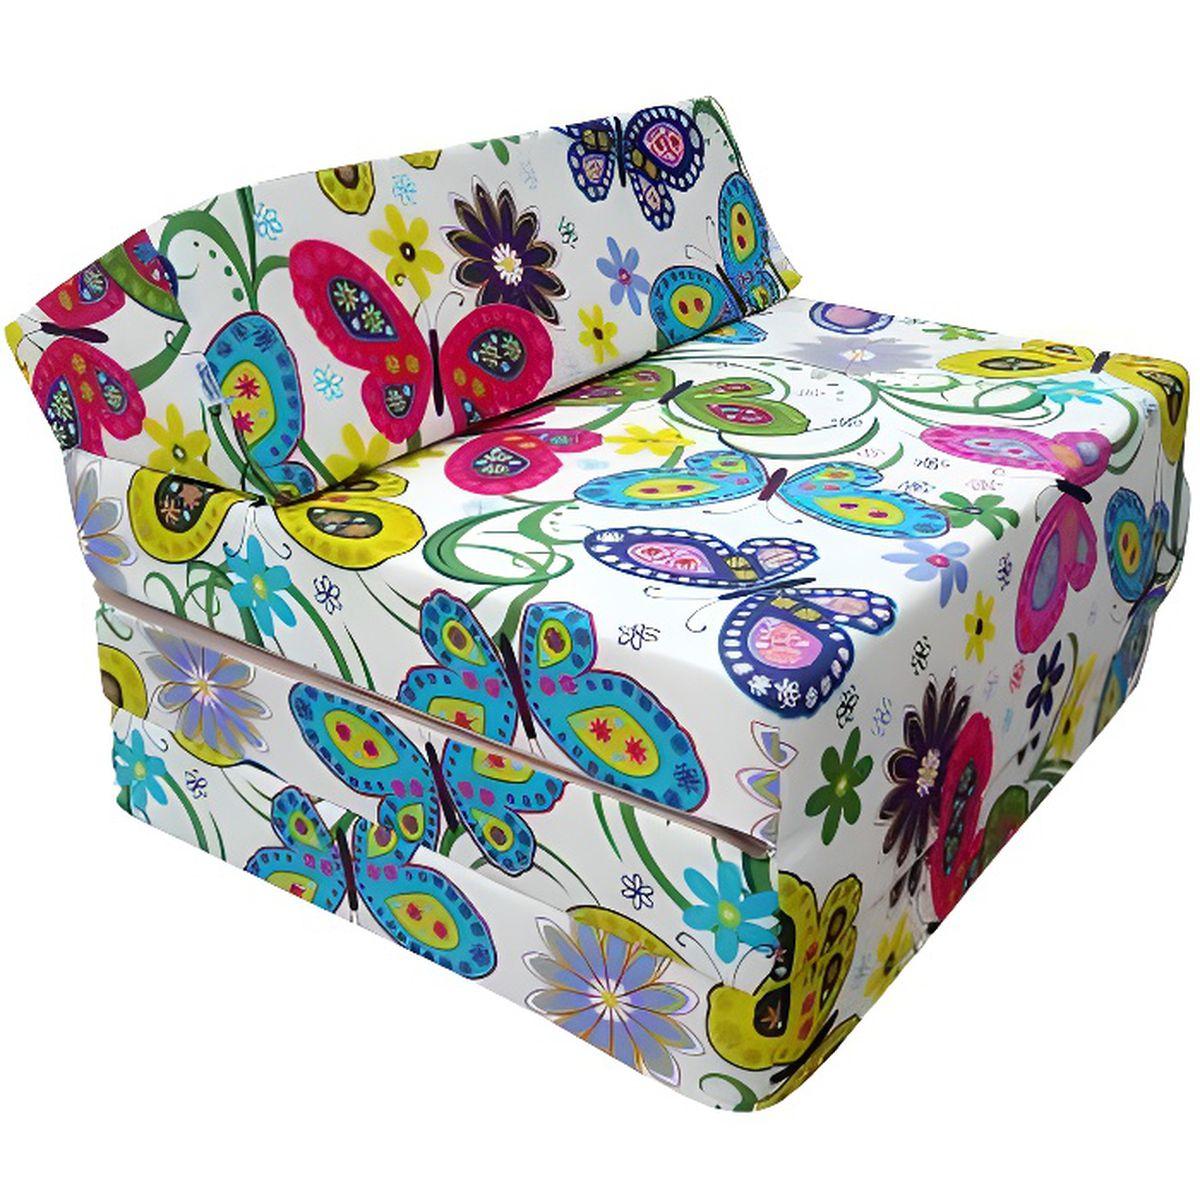 matelas futon pliable 1 personne lit futon pliable lit lit futon pliable ikea lit futon pliable. Black Bedroom Furniture Sets. Home Design Ideas